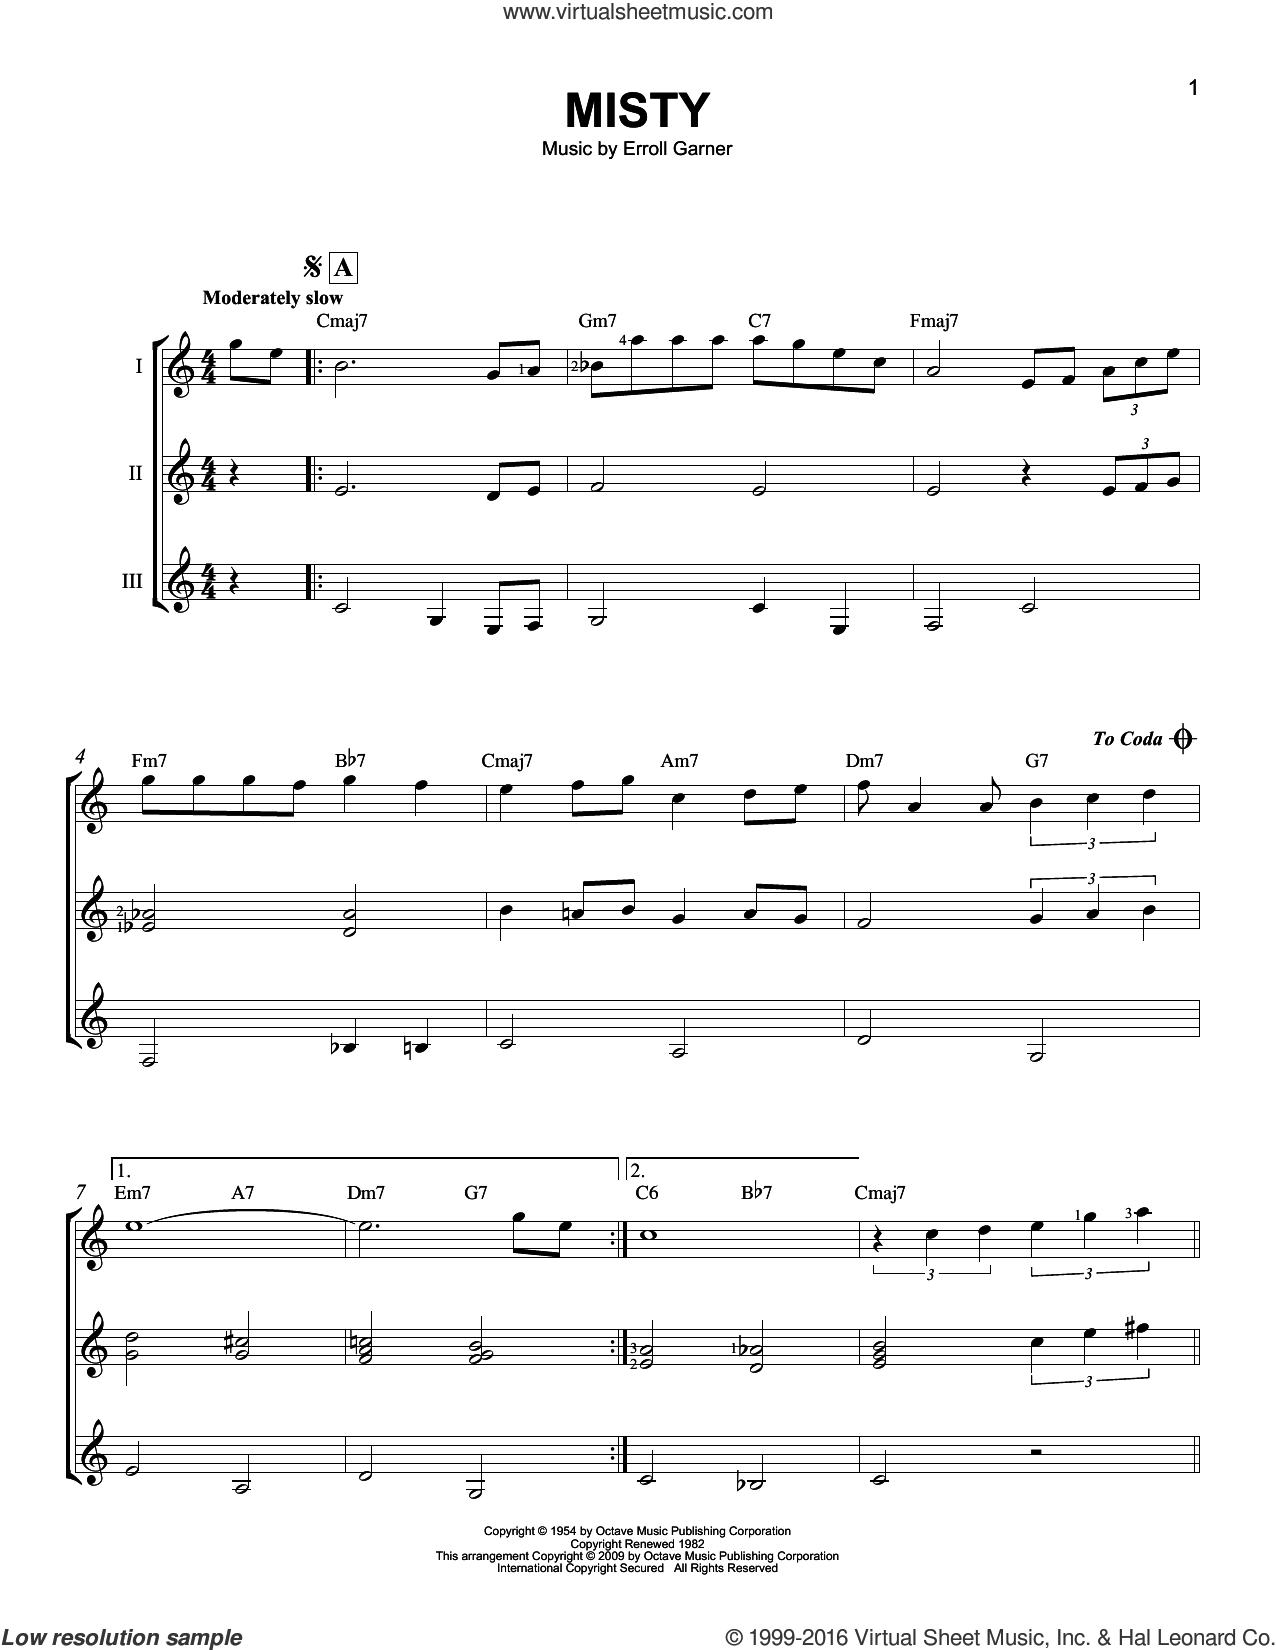 Misty sheet music for guitar ensemble by Johnny Mathis, Erroll Garner and John Burke, intermediate skill level